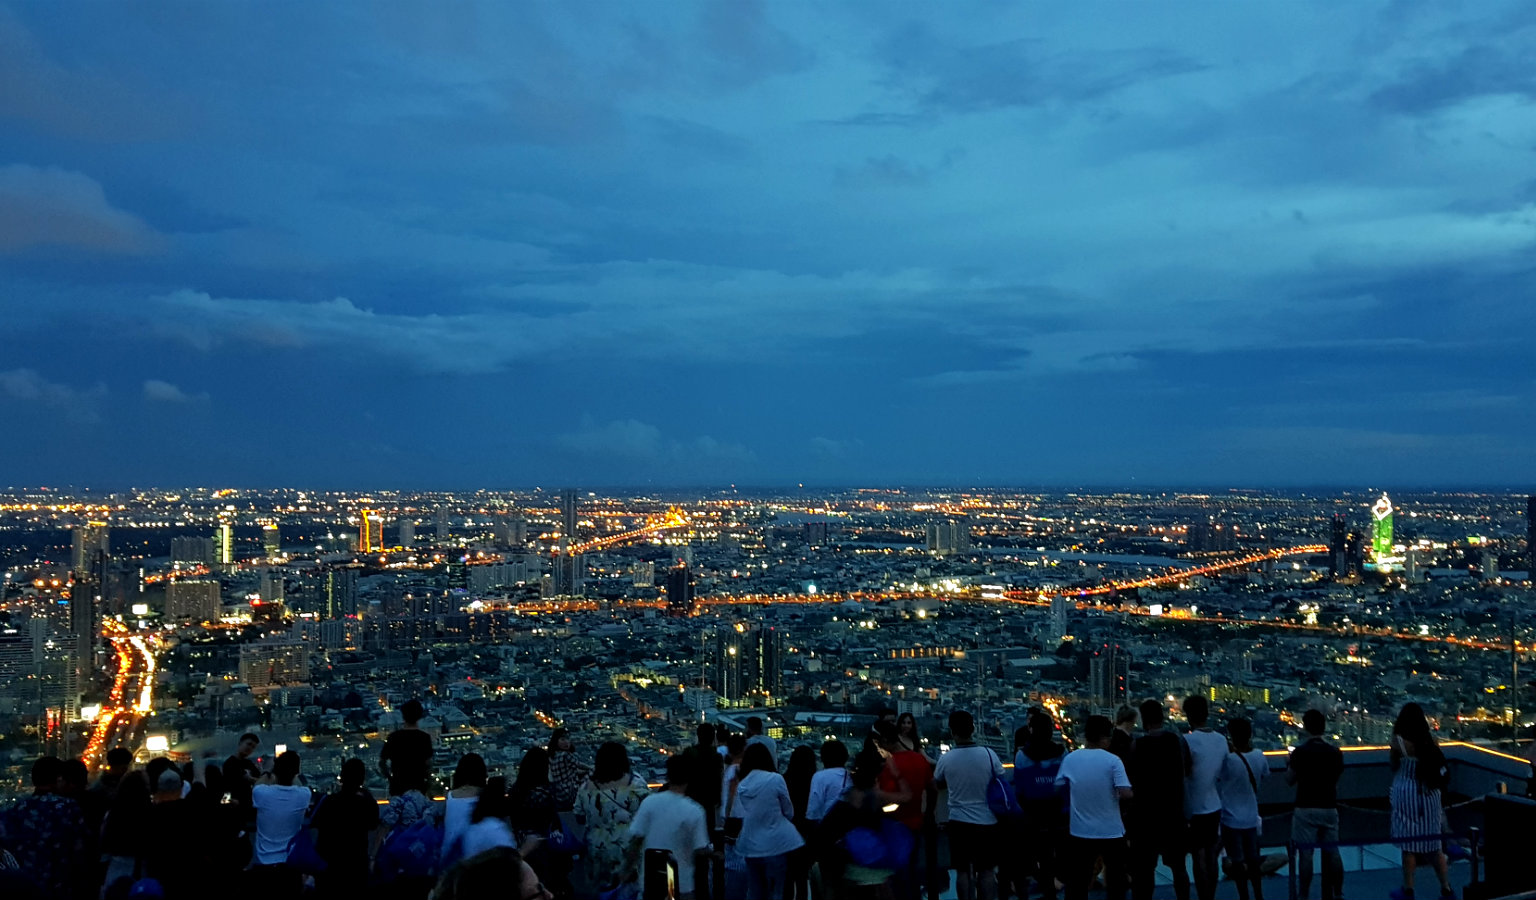 Uitzicht in de avond vanaf de Sky Walk Mahanakhon Bangkok